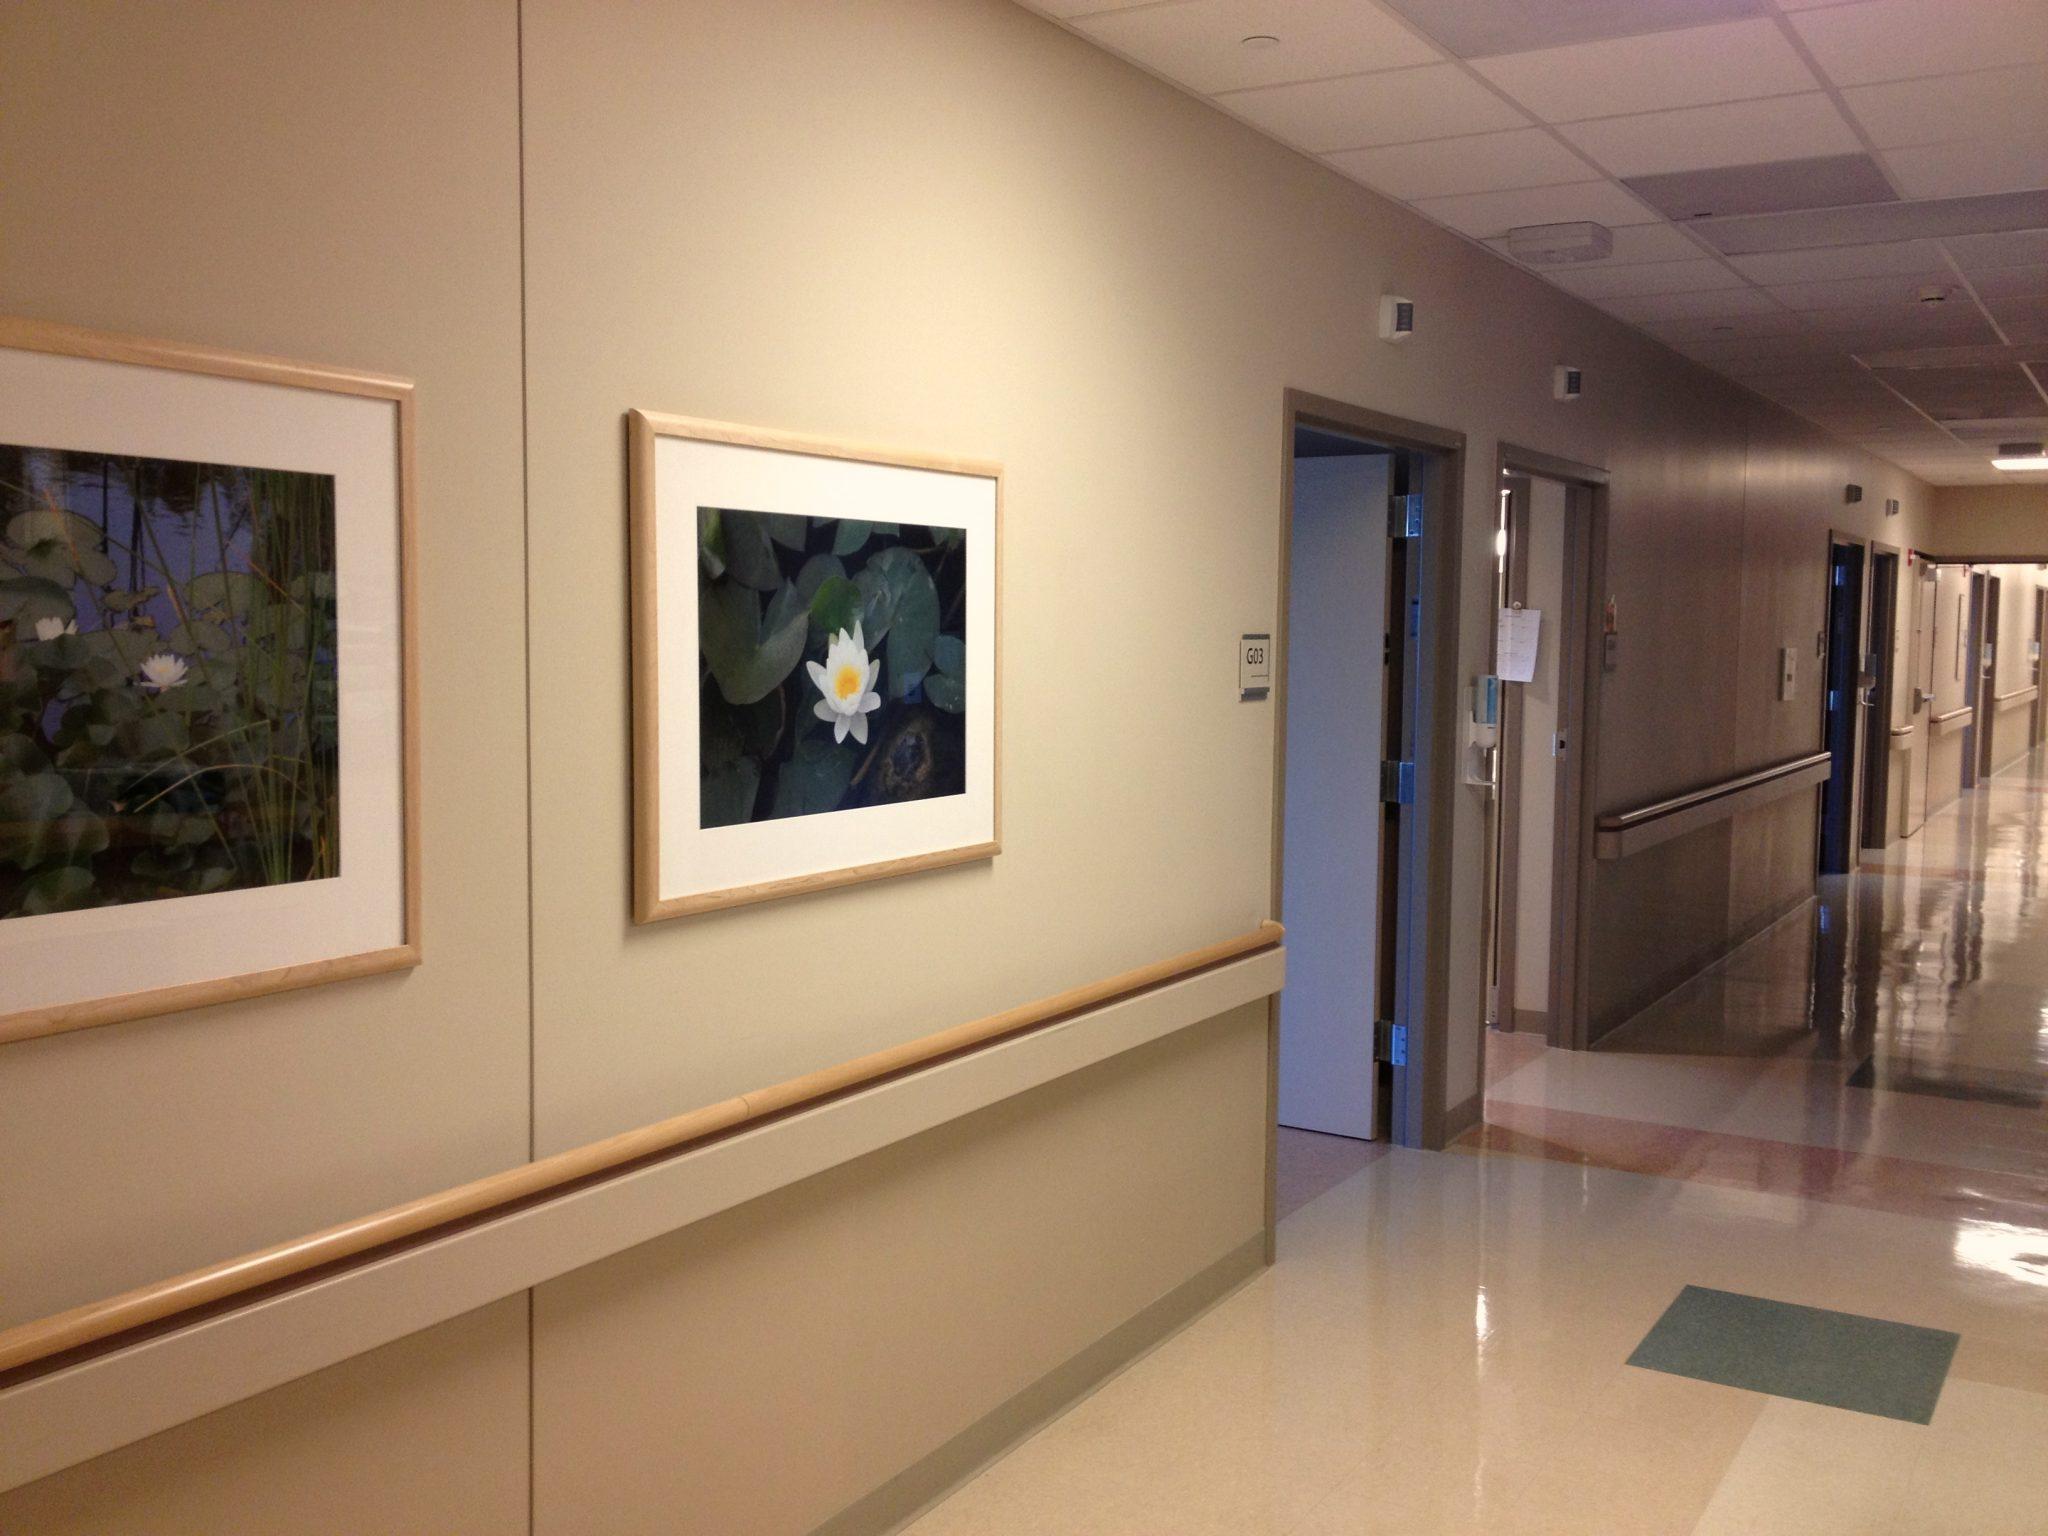 PRMC hallway